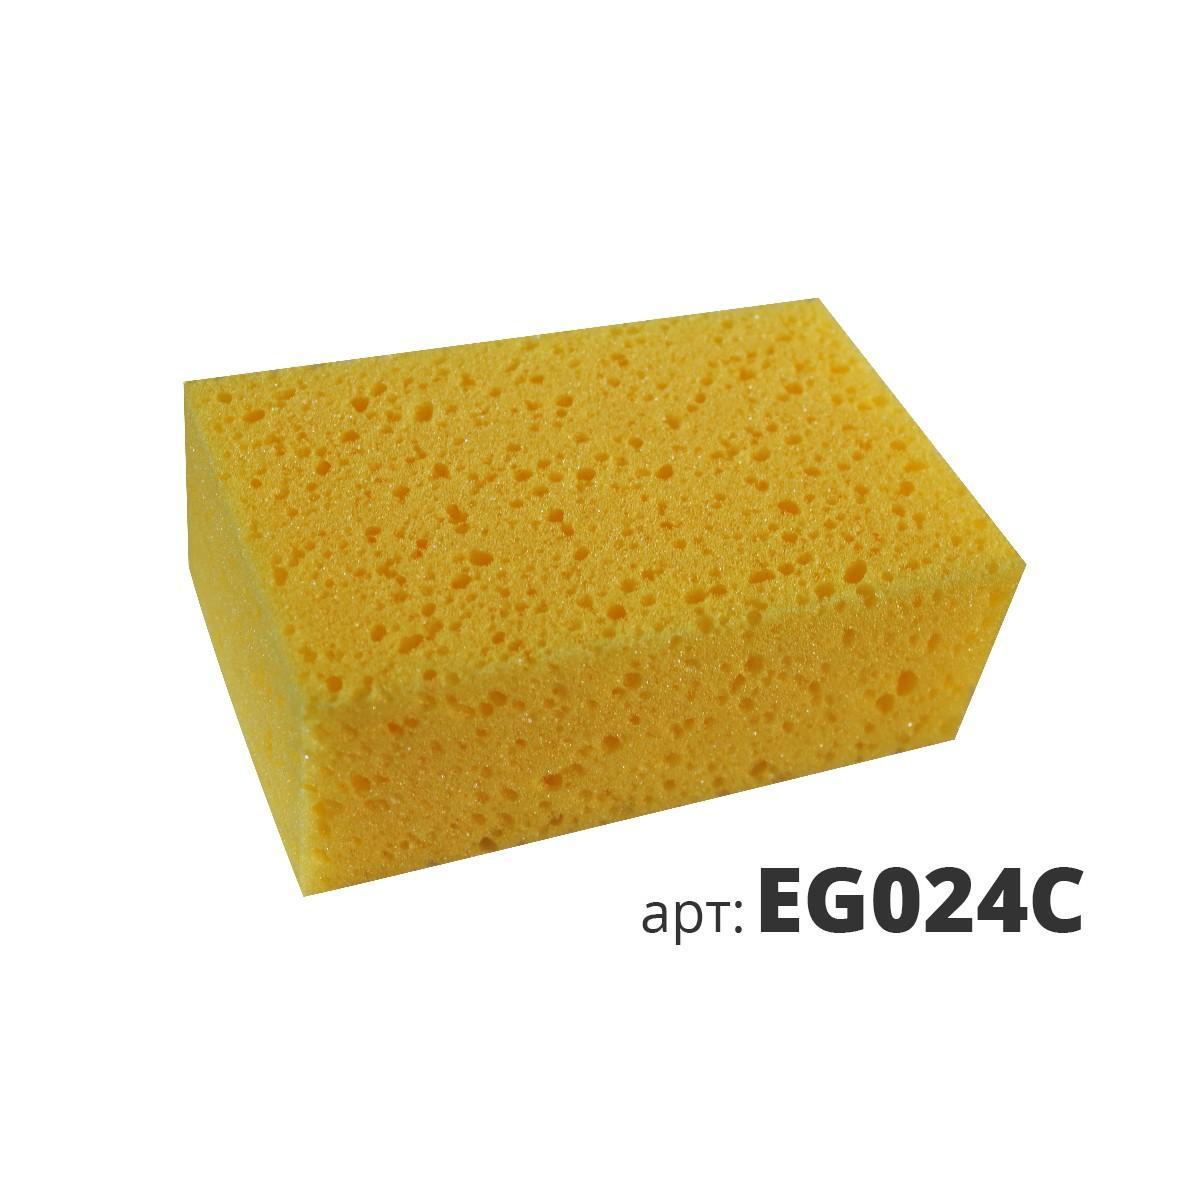 Желтая мелкопористая поролоновая губка EG024C